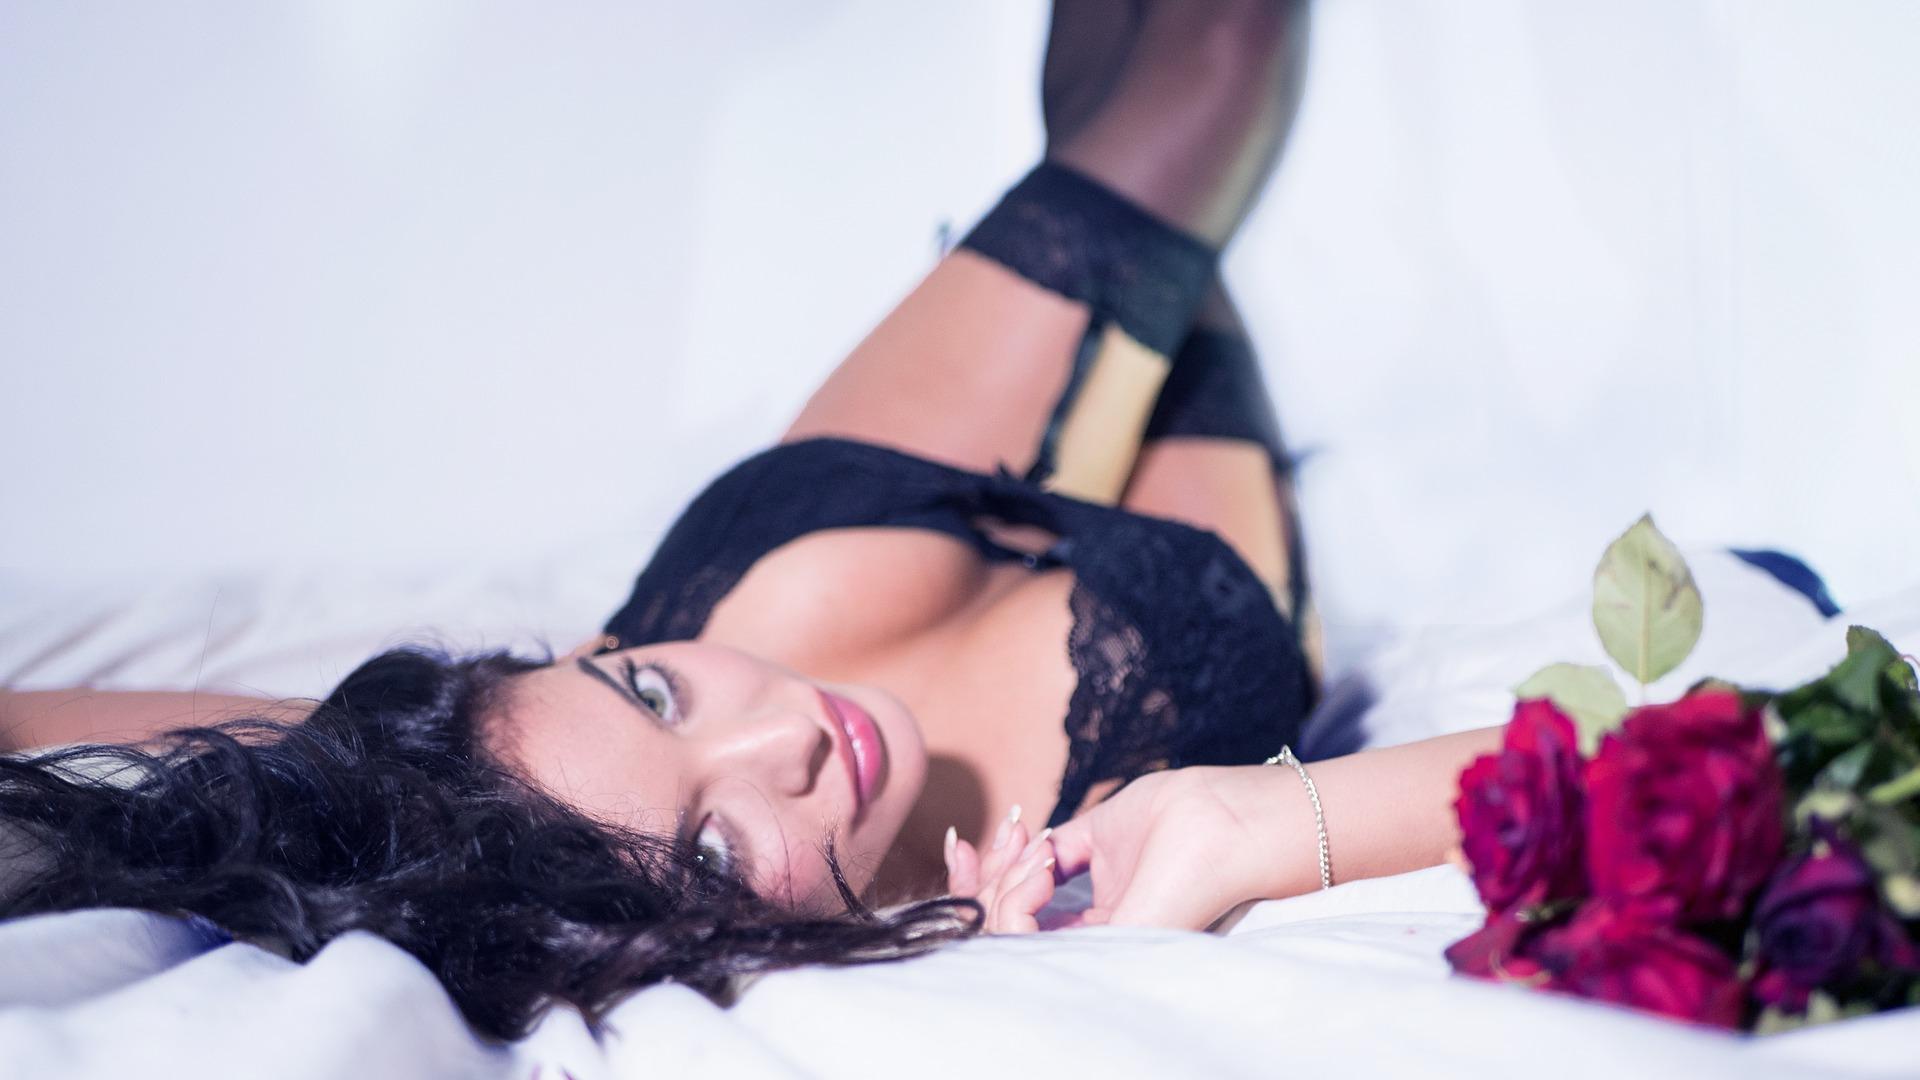 ce pozitie folosesti - sfatulparintilor.ro - pixabay_com - lingerie-2616801_1920